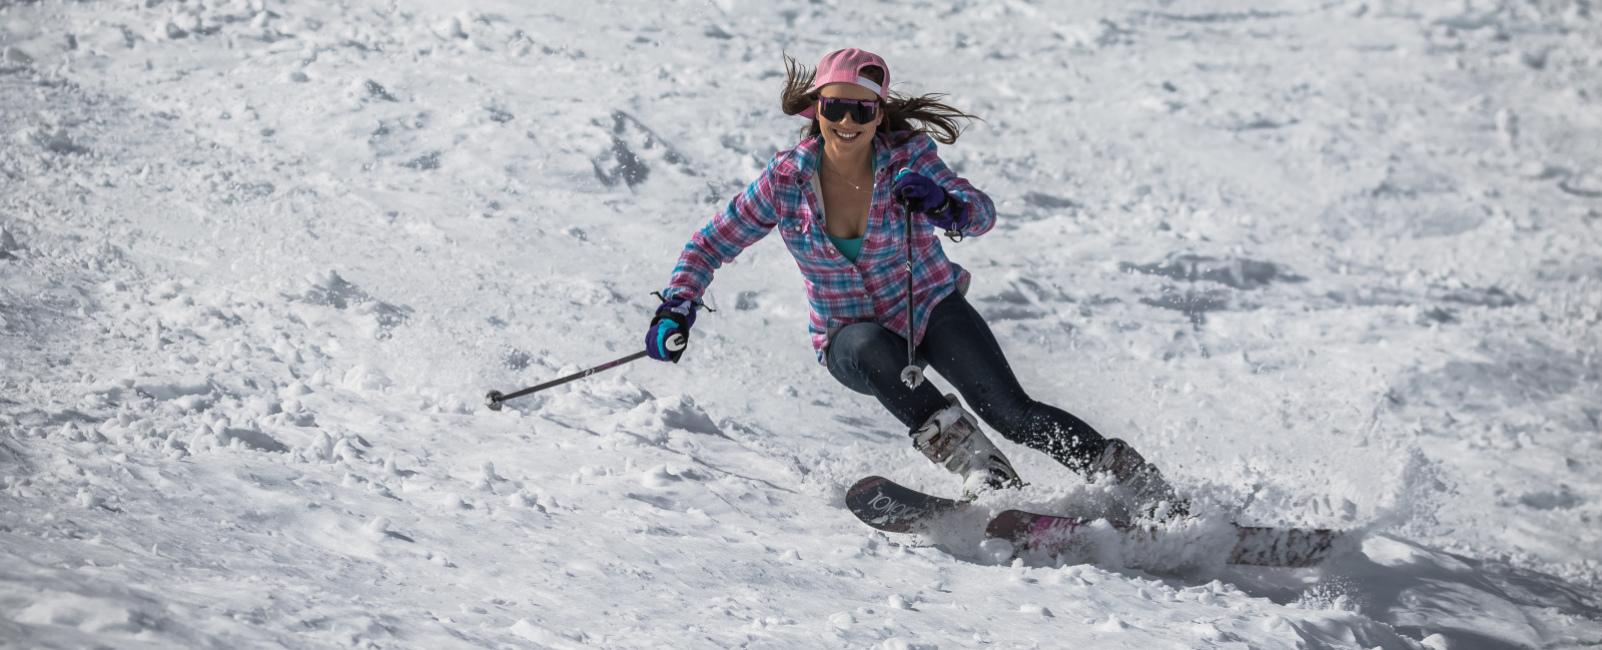 10 of the Best Spring Skiing Runs in Utah